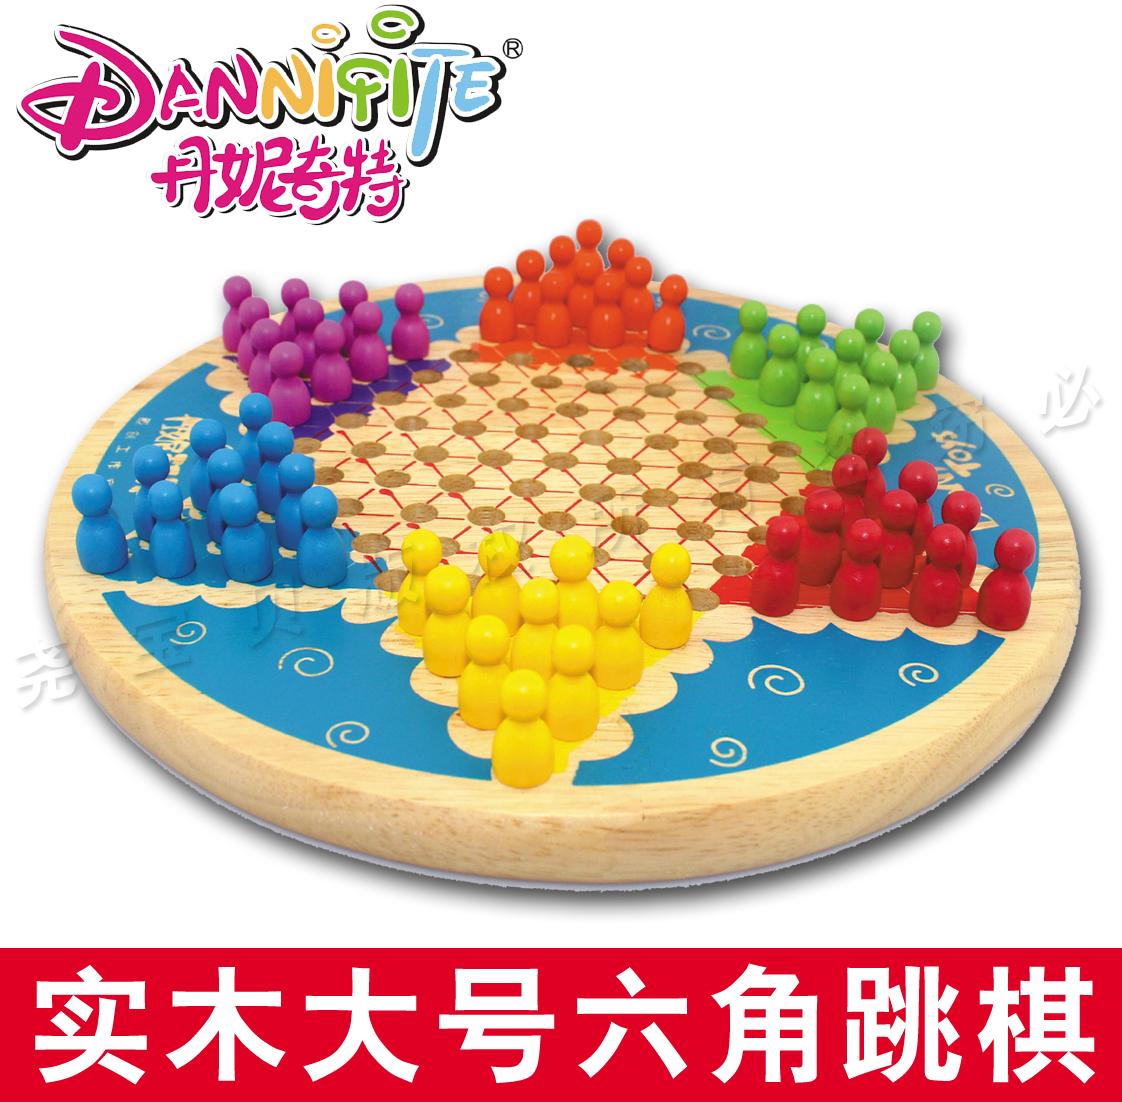 跳棋 丹妮奇特六角棋跳棋大号巧之木制彩色益智早教儿童趣味玩具图片